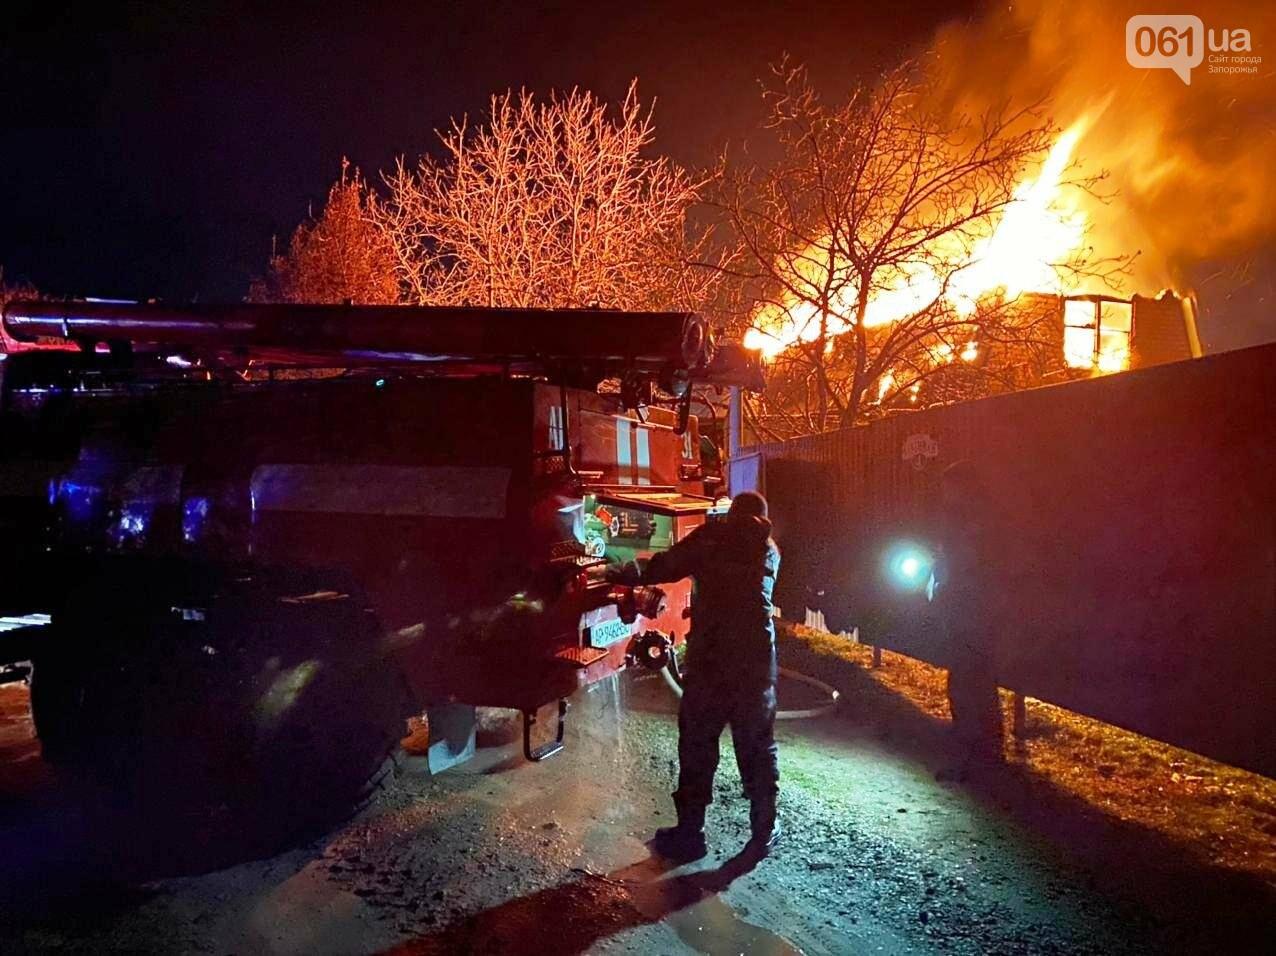 В Запорожской области загорелся жилой дом из-за проблем с печным отоплением: пожар тушили 15 спасателей , фото-2